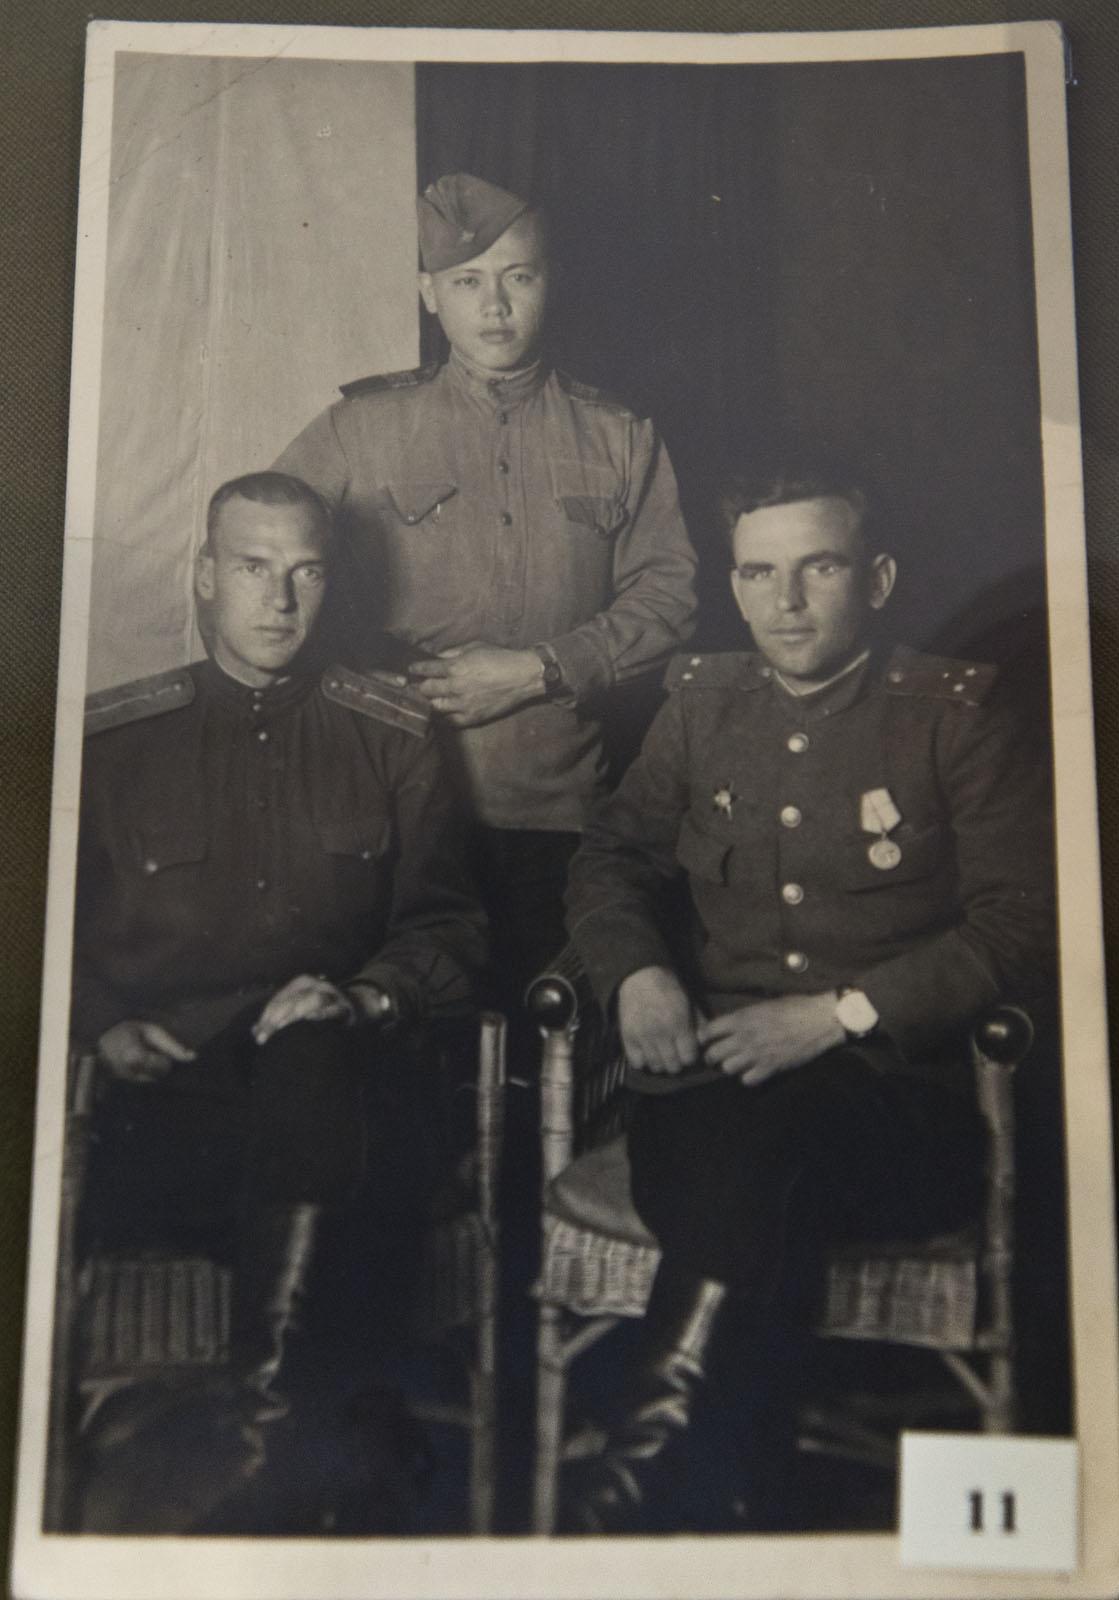 Фото №75831. Куделькин В.И. с однополчанами